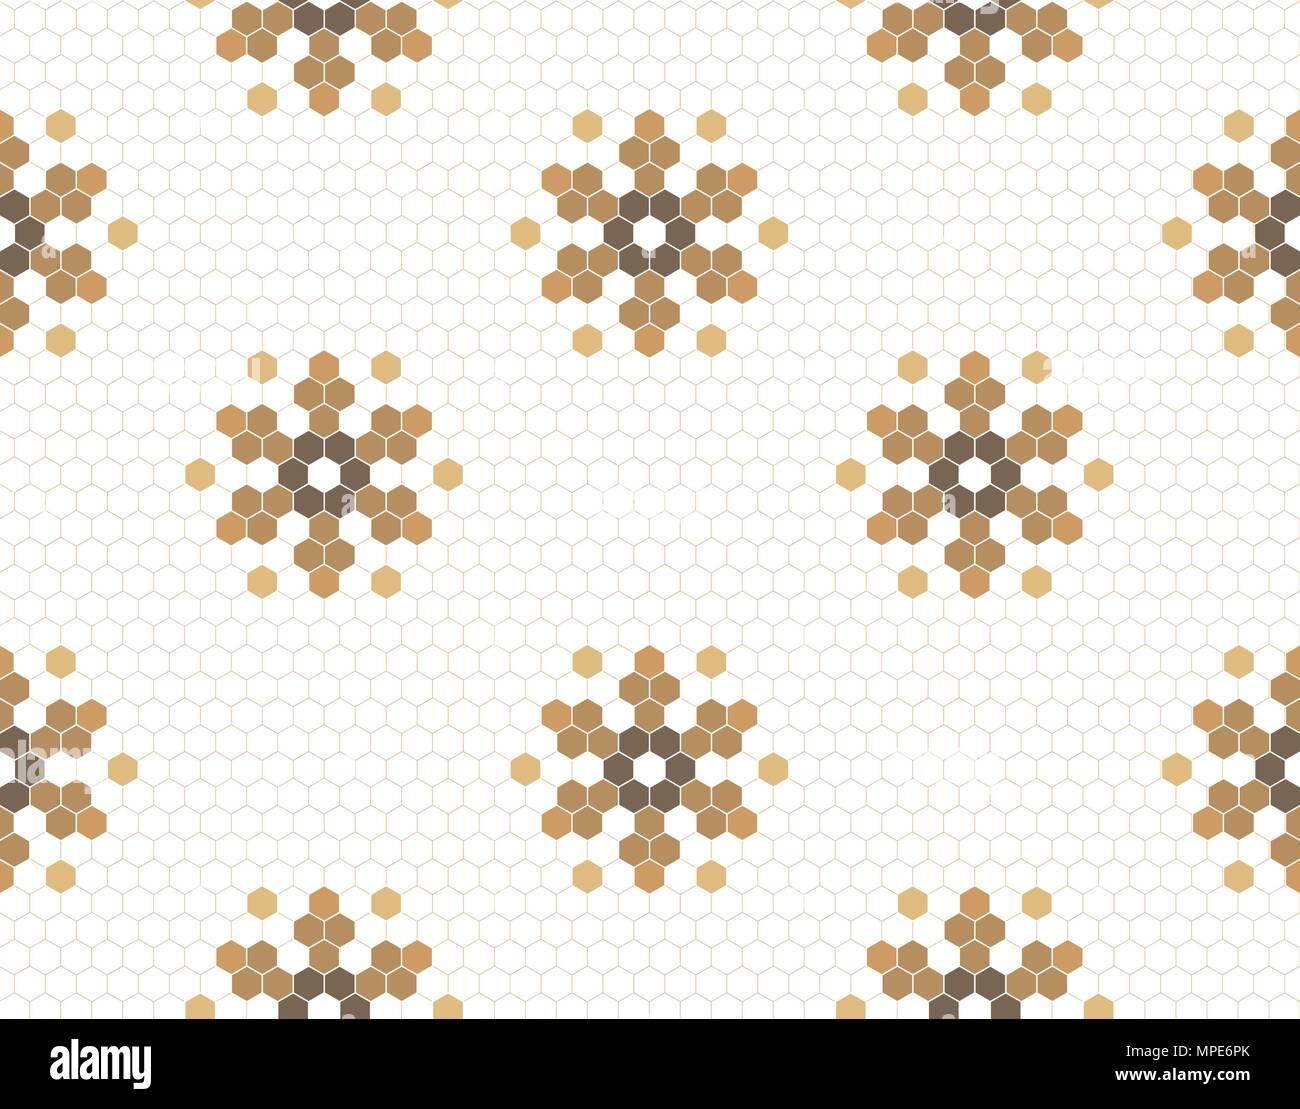 https www alamy com gold geometric pattern vector flower background modular in hexagon shape tile floors design image185938779 html